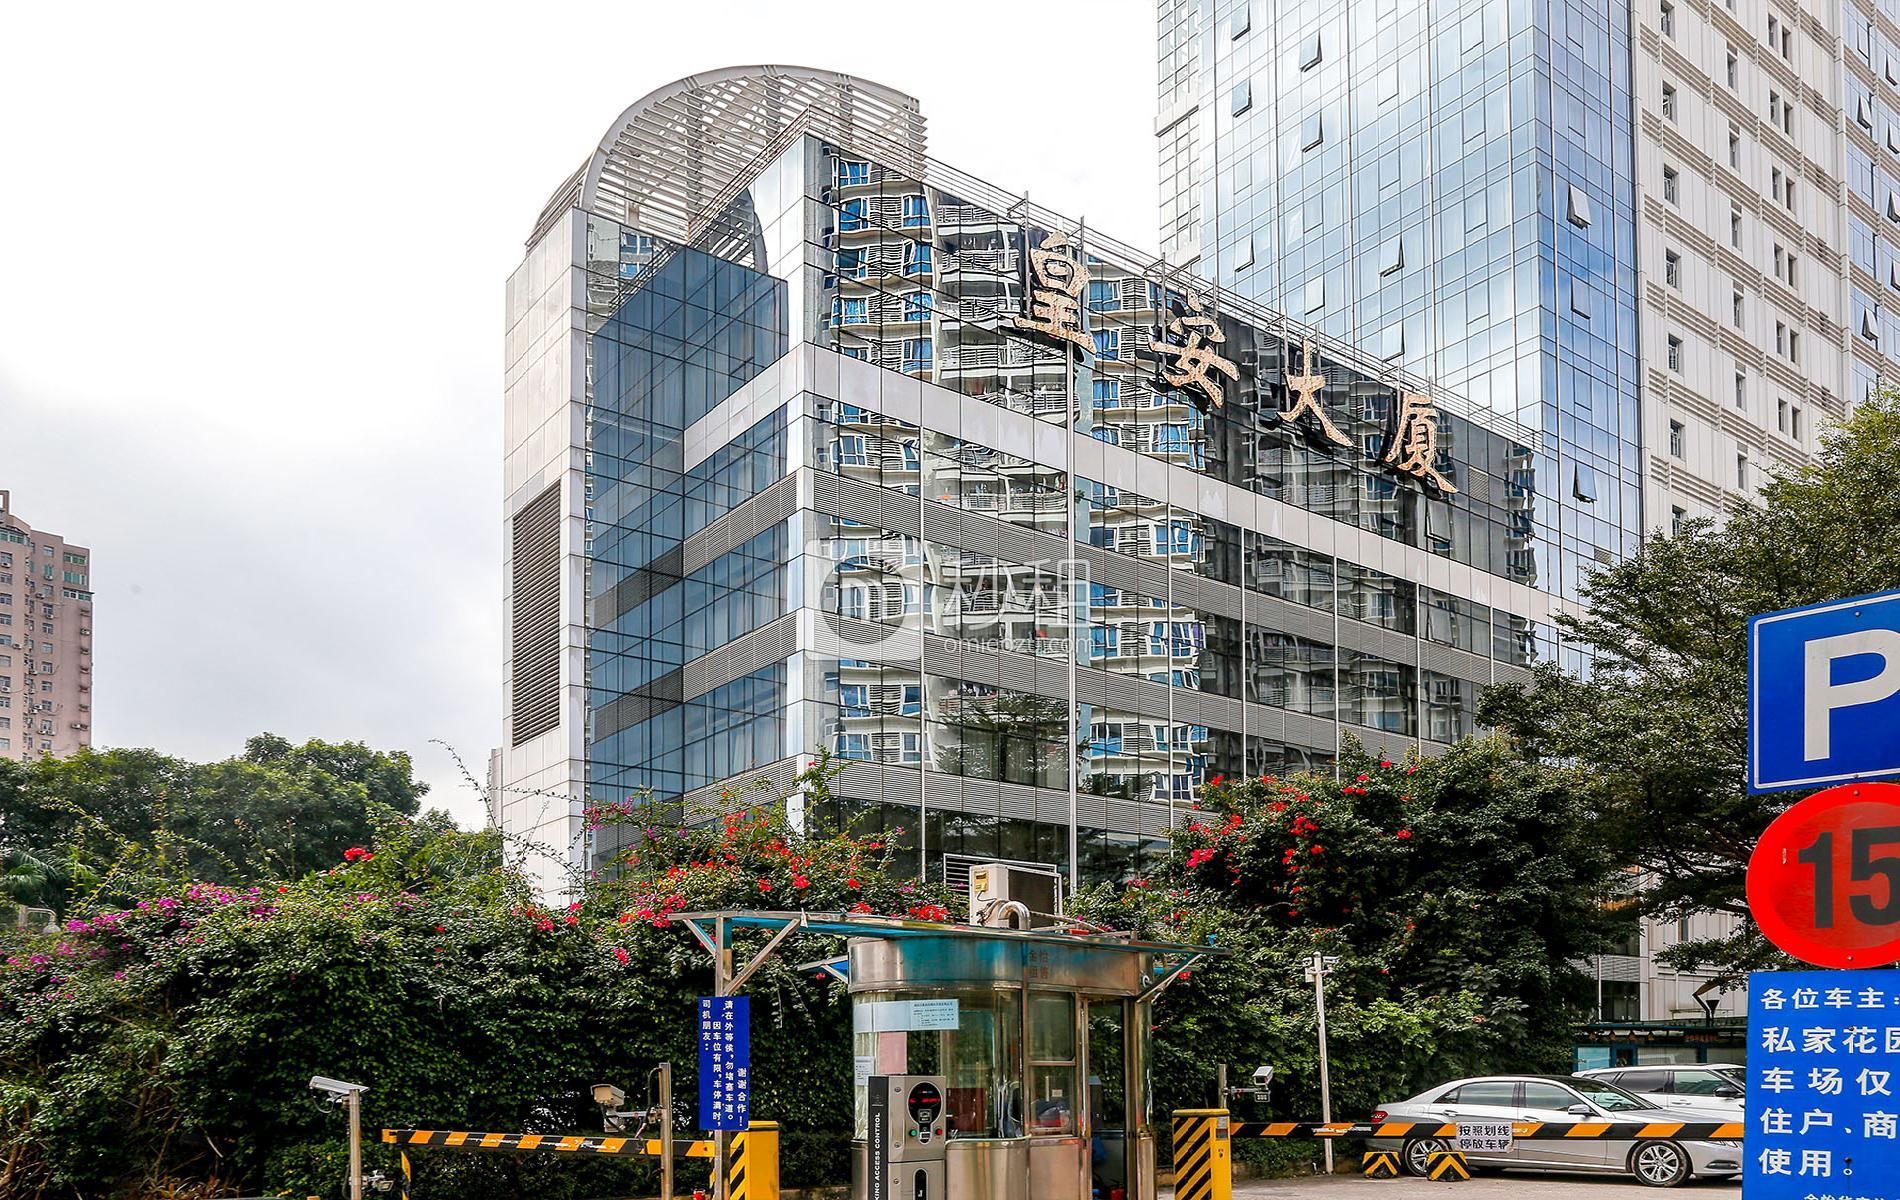 皇安大厦写字楼出租/招租/租赁,皇安大厦办公室出租/招租/租赁